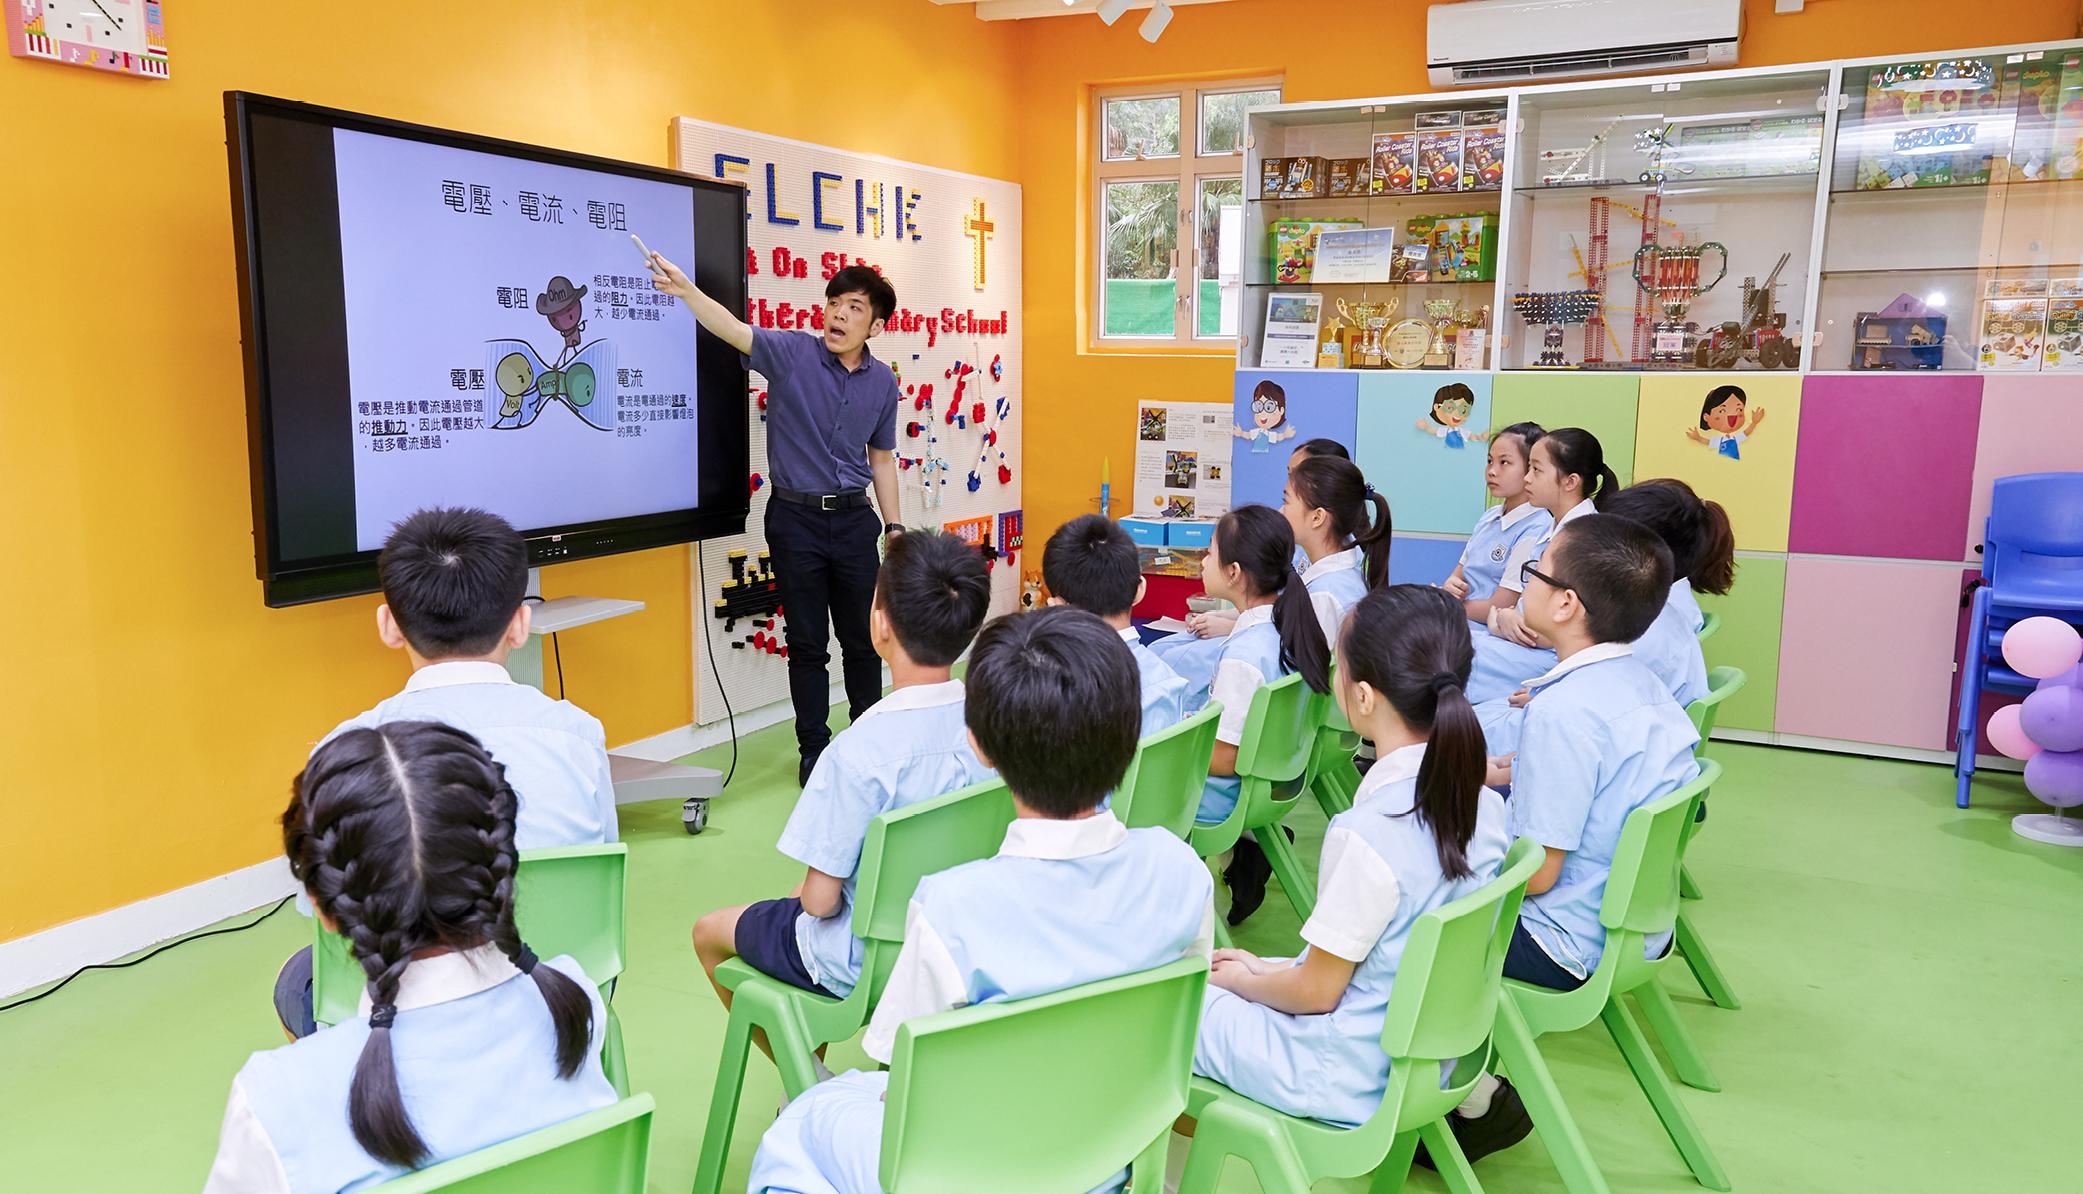 教育傳媒:學校課程以學生為本位,老師在STEM Room授課,注重發展學生高階思維能力。